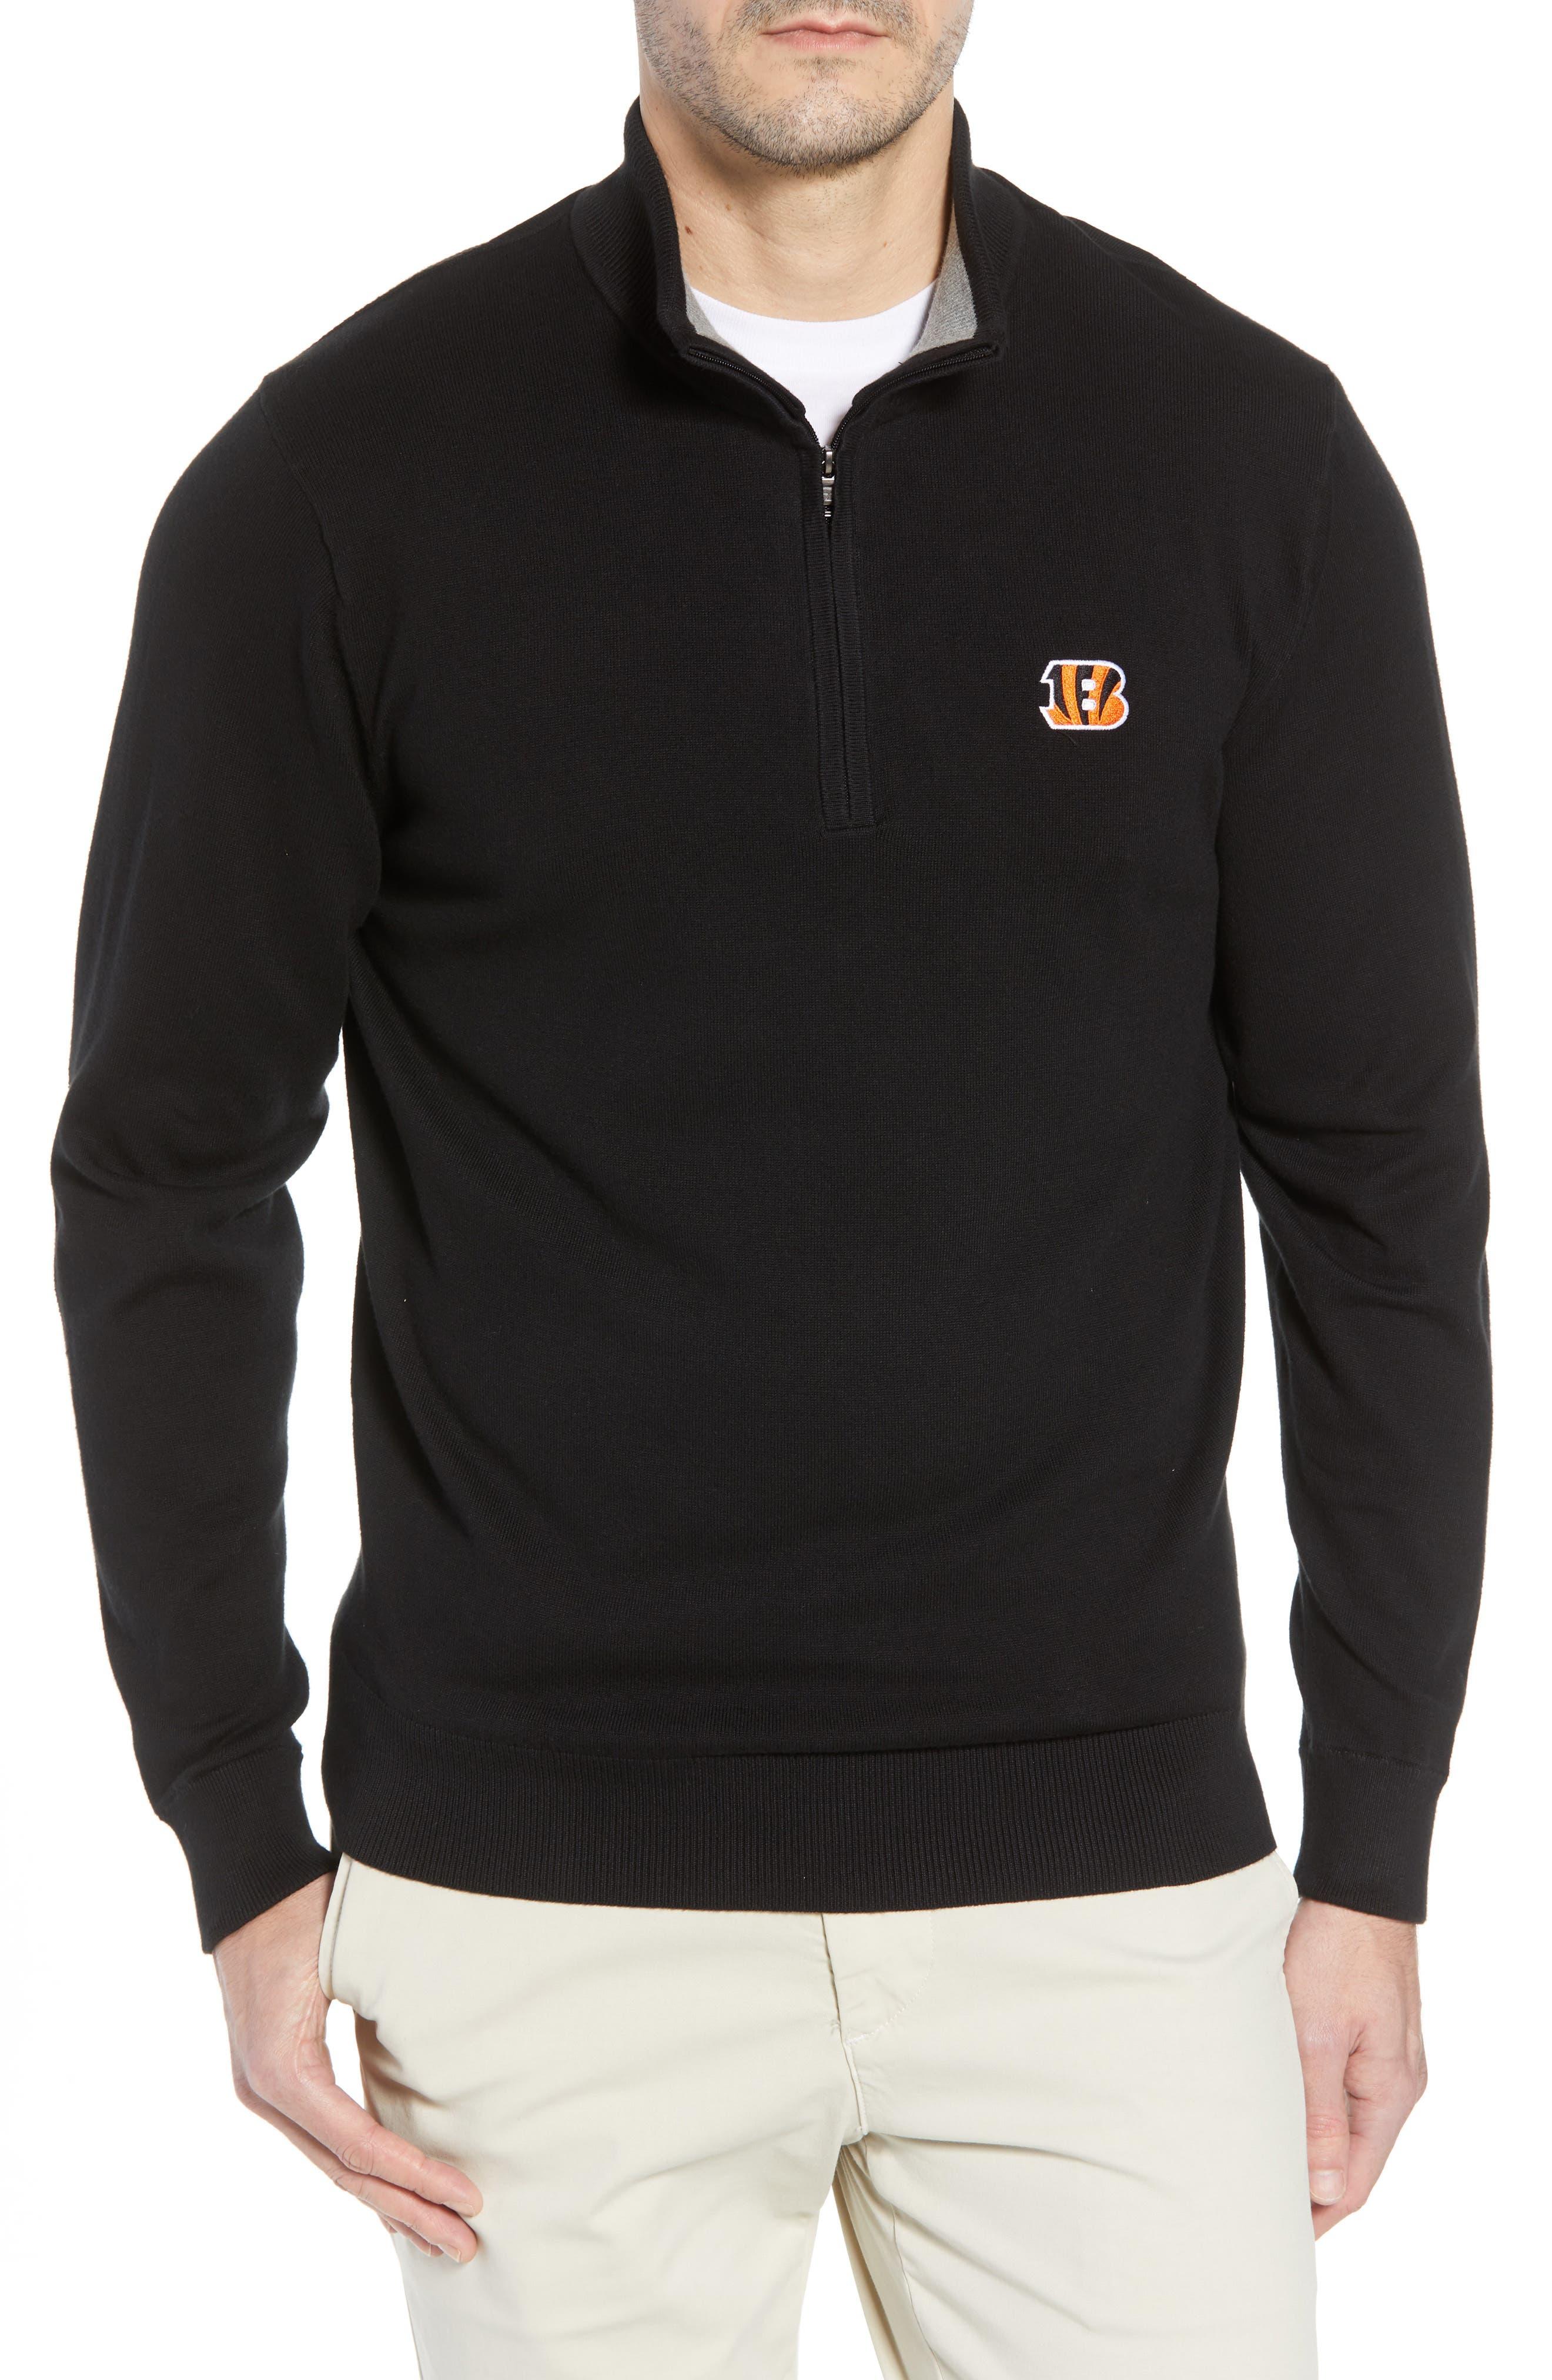 Cincinnati Bengals - Lakemont Regular Fit Quarter Zip Sweater,                             Main thumbnail 1, color,                             001